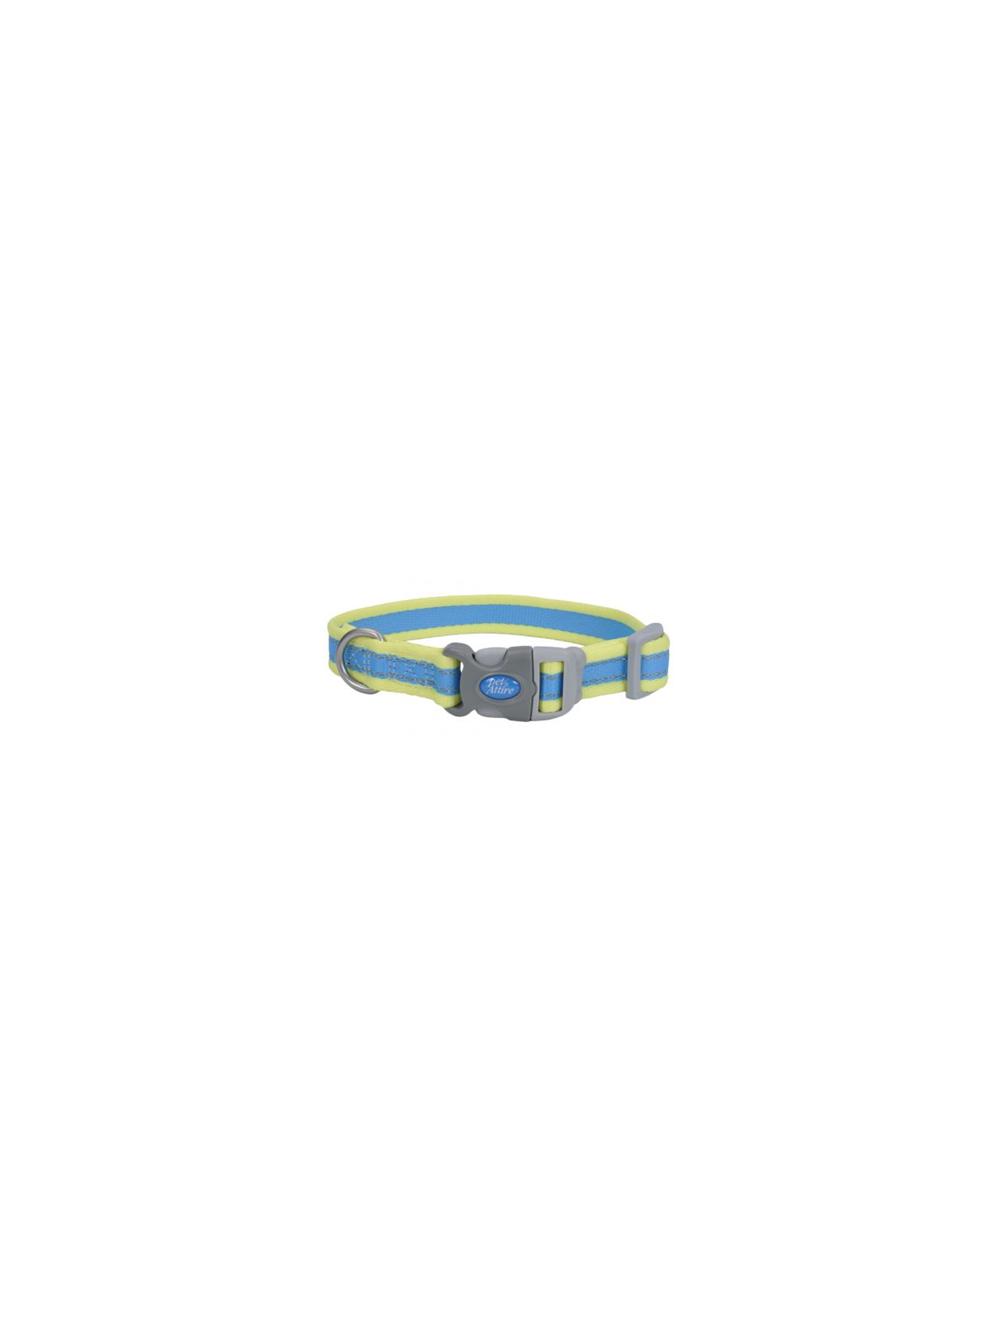 Collar Pro Azul Con Amarillo Neón Large 1